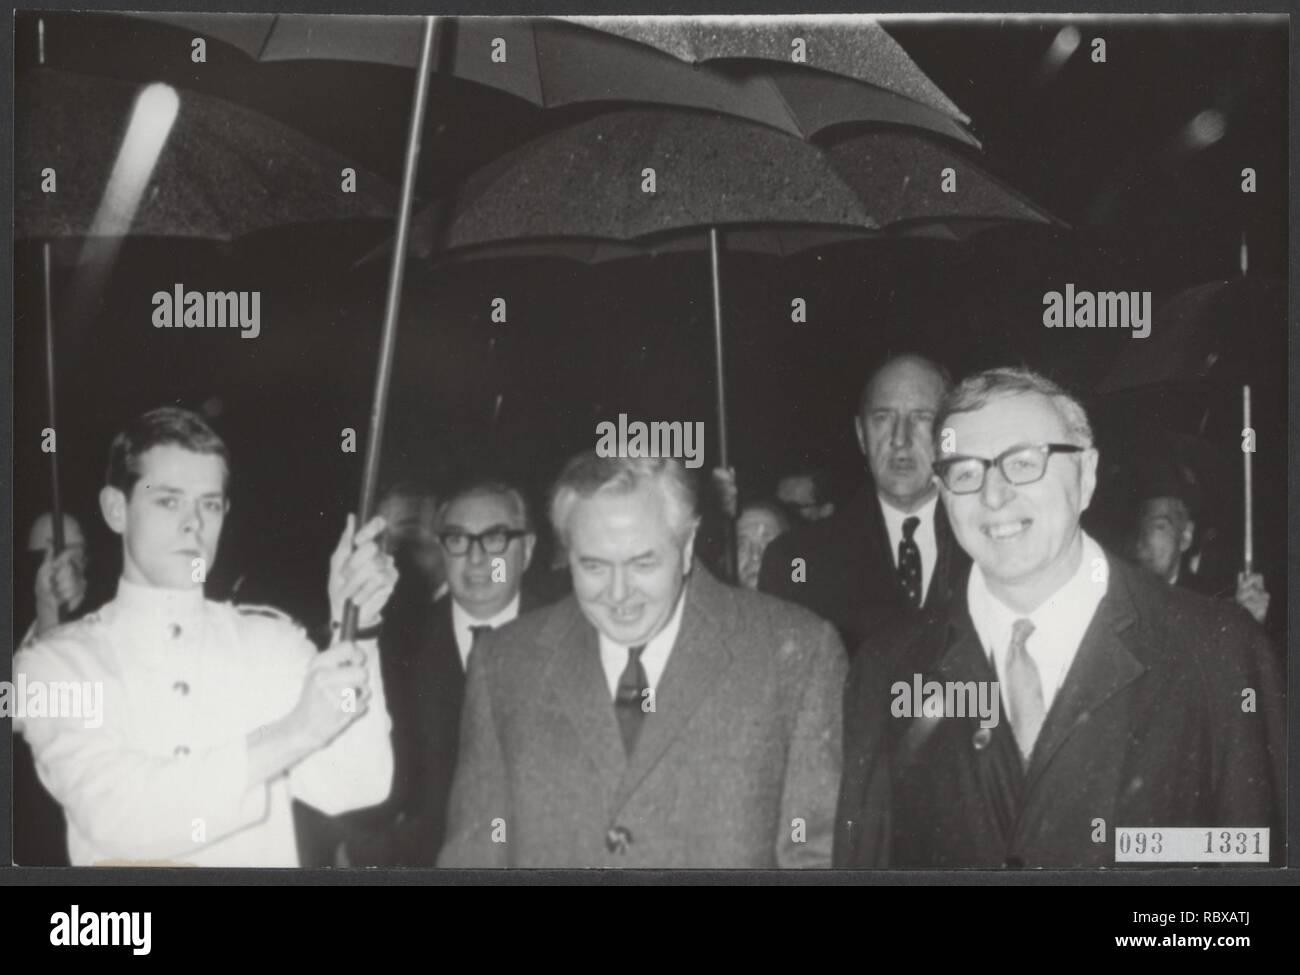 Activiteiten minister van financien zijlstra in 1966 1967, Bestanddeelnr 093-1331. - Stock Image